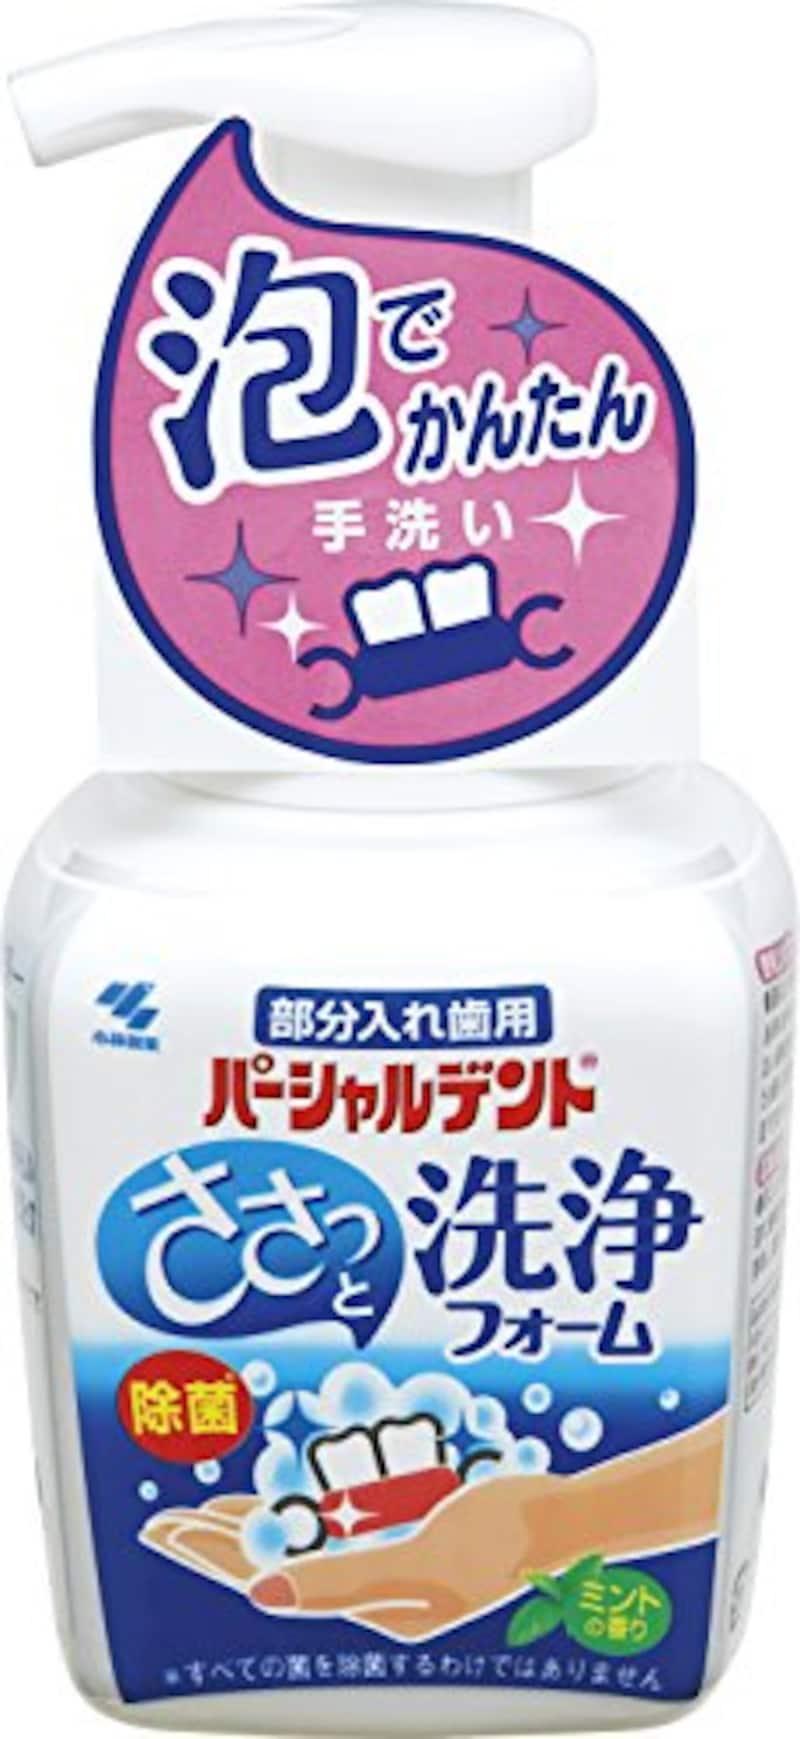 小林製薬,部分入れ歯用洗浄剤 ささっと洗浄フォーム,247098